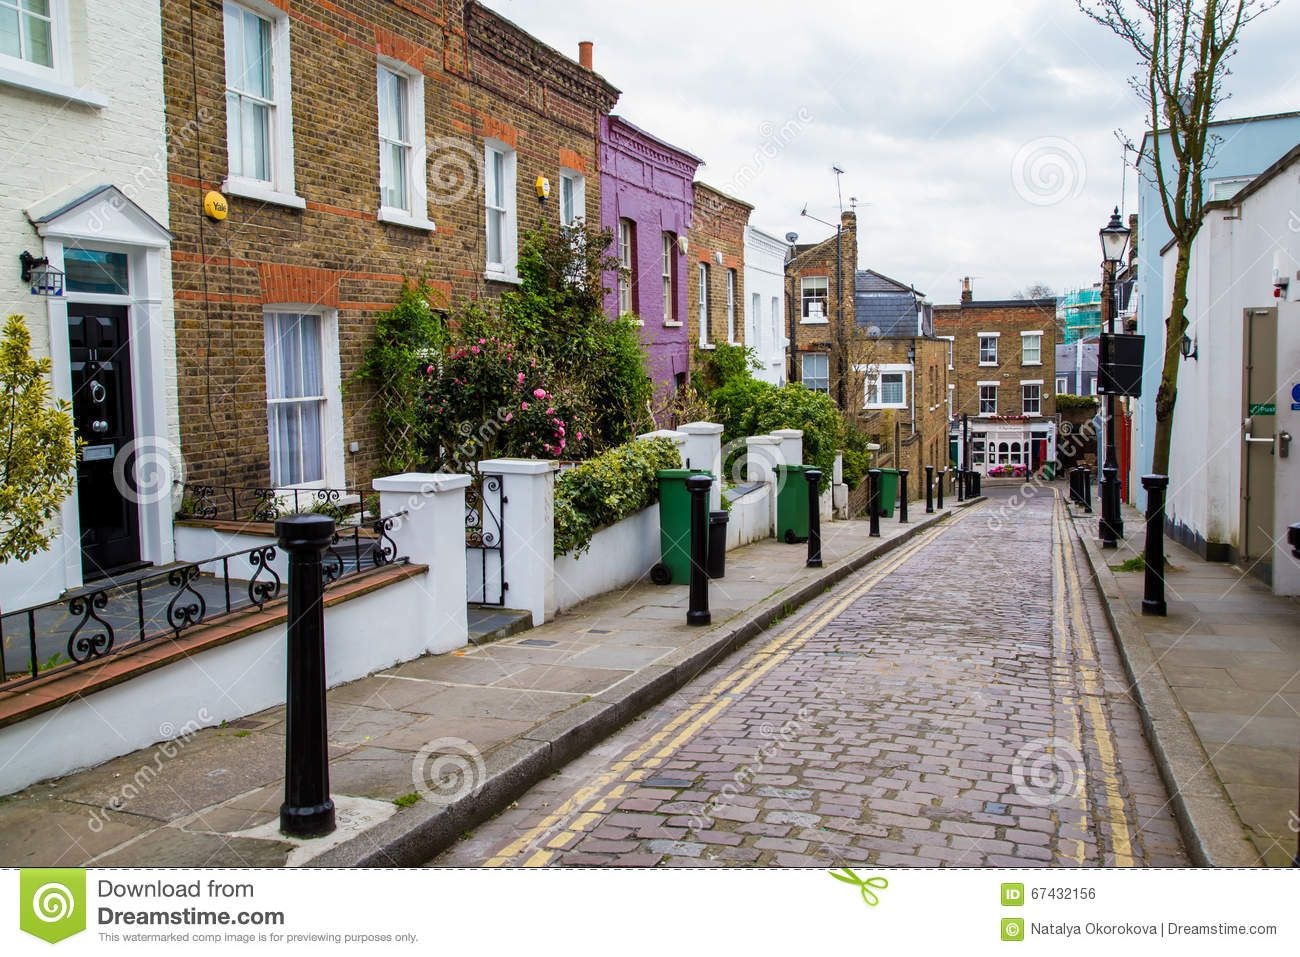 Dream first street